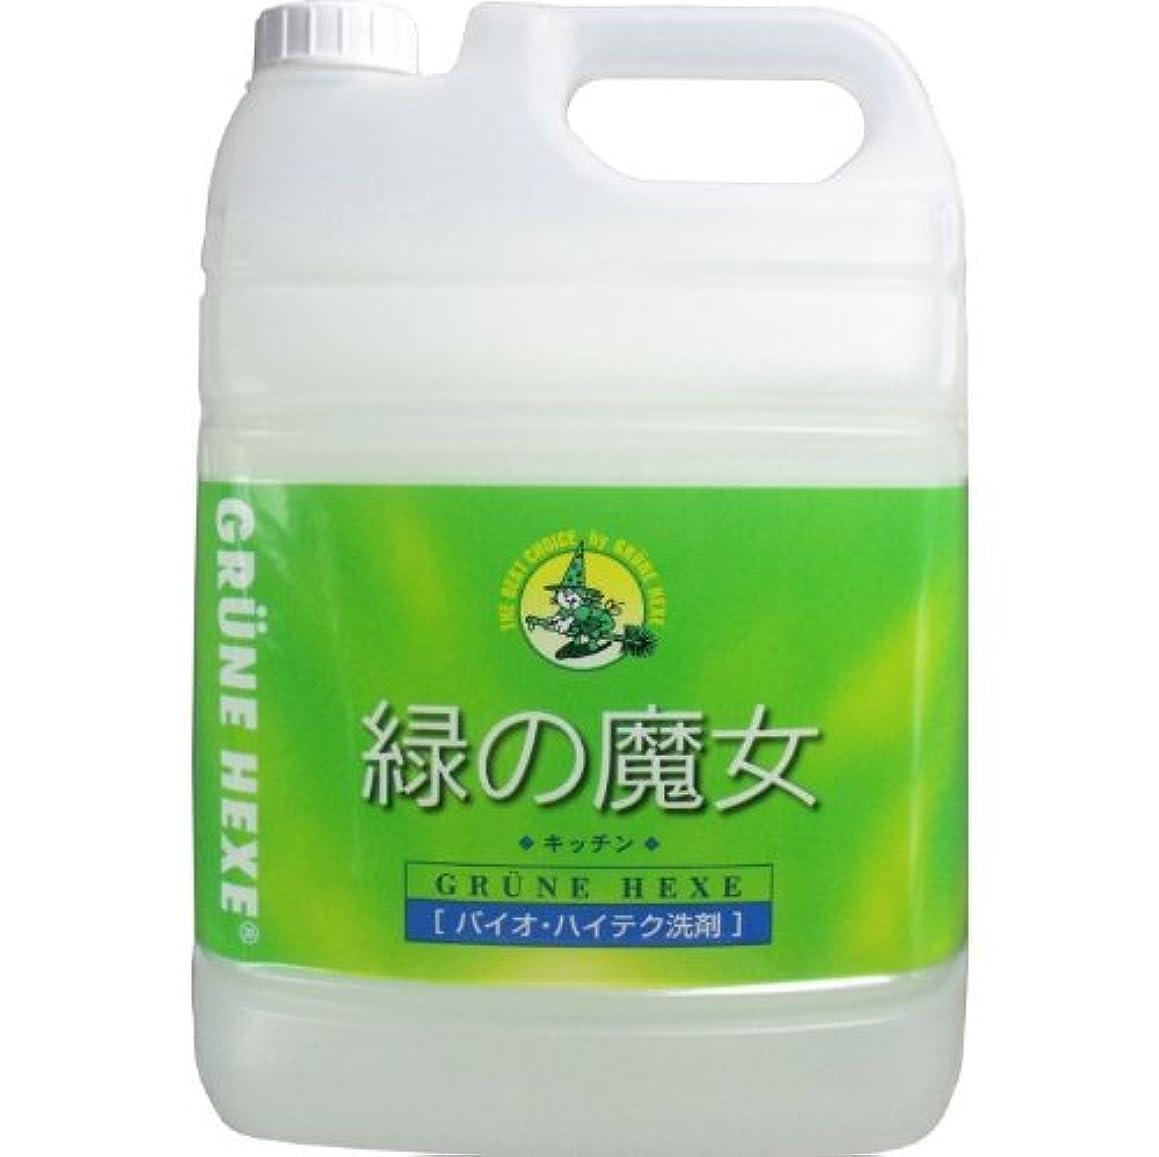 ゴールデンステップ祖母食器洗い 台所洗剤 ドイツ生まれ!汚れに強く、地球に優しい洗剤!5L【4個セット】